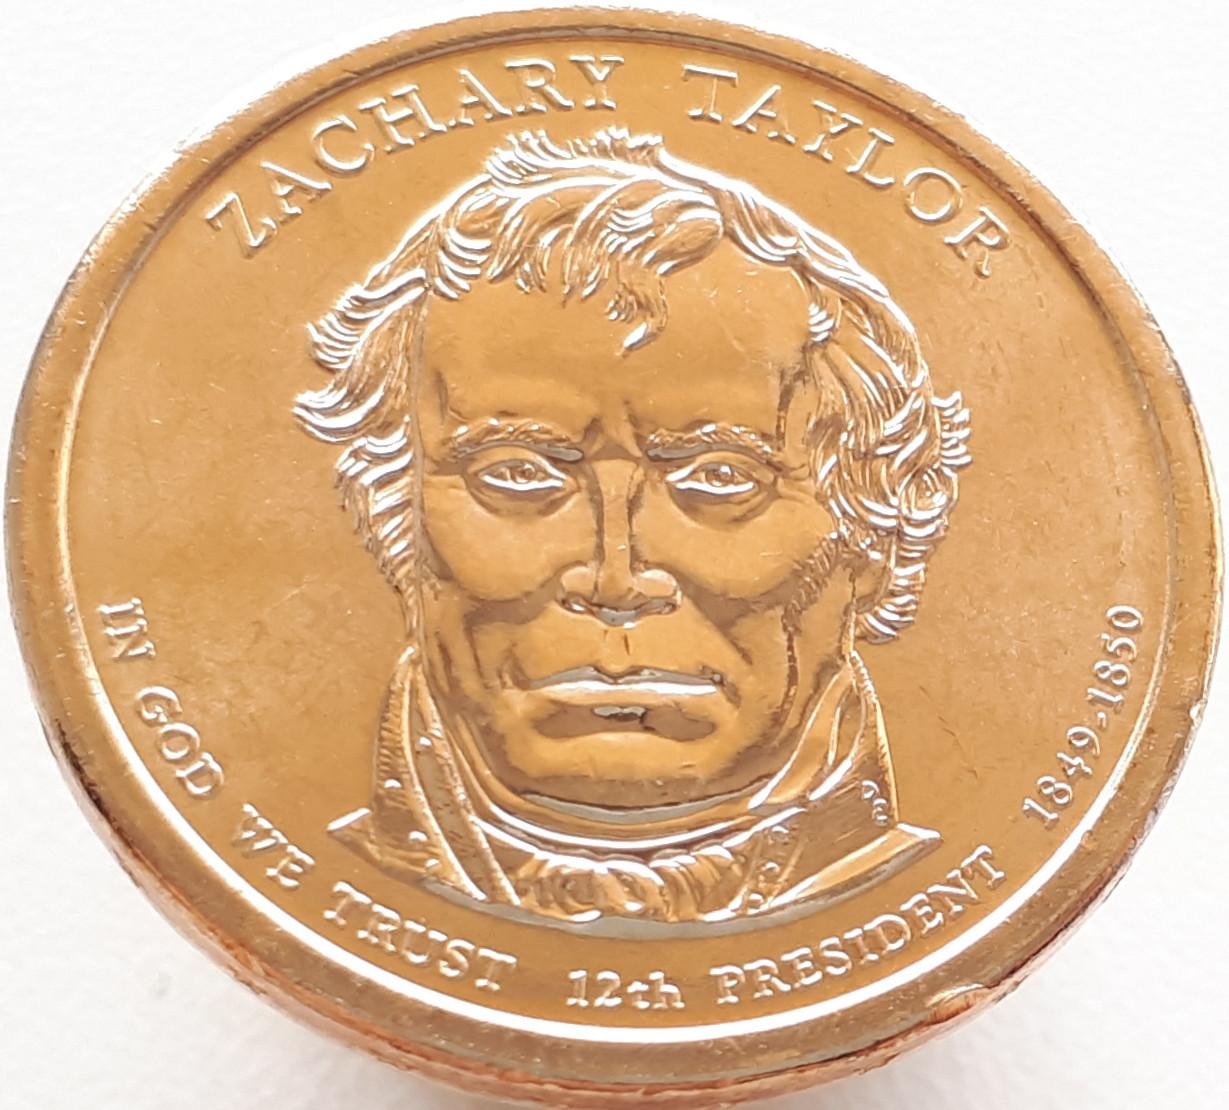 США 1 доллар 2009 - Закари Тейлор 12 Президент